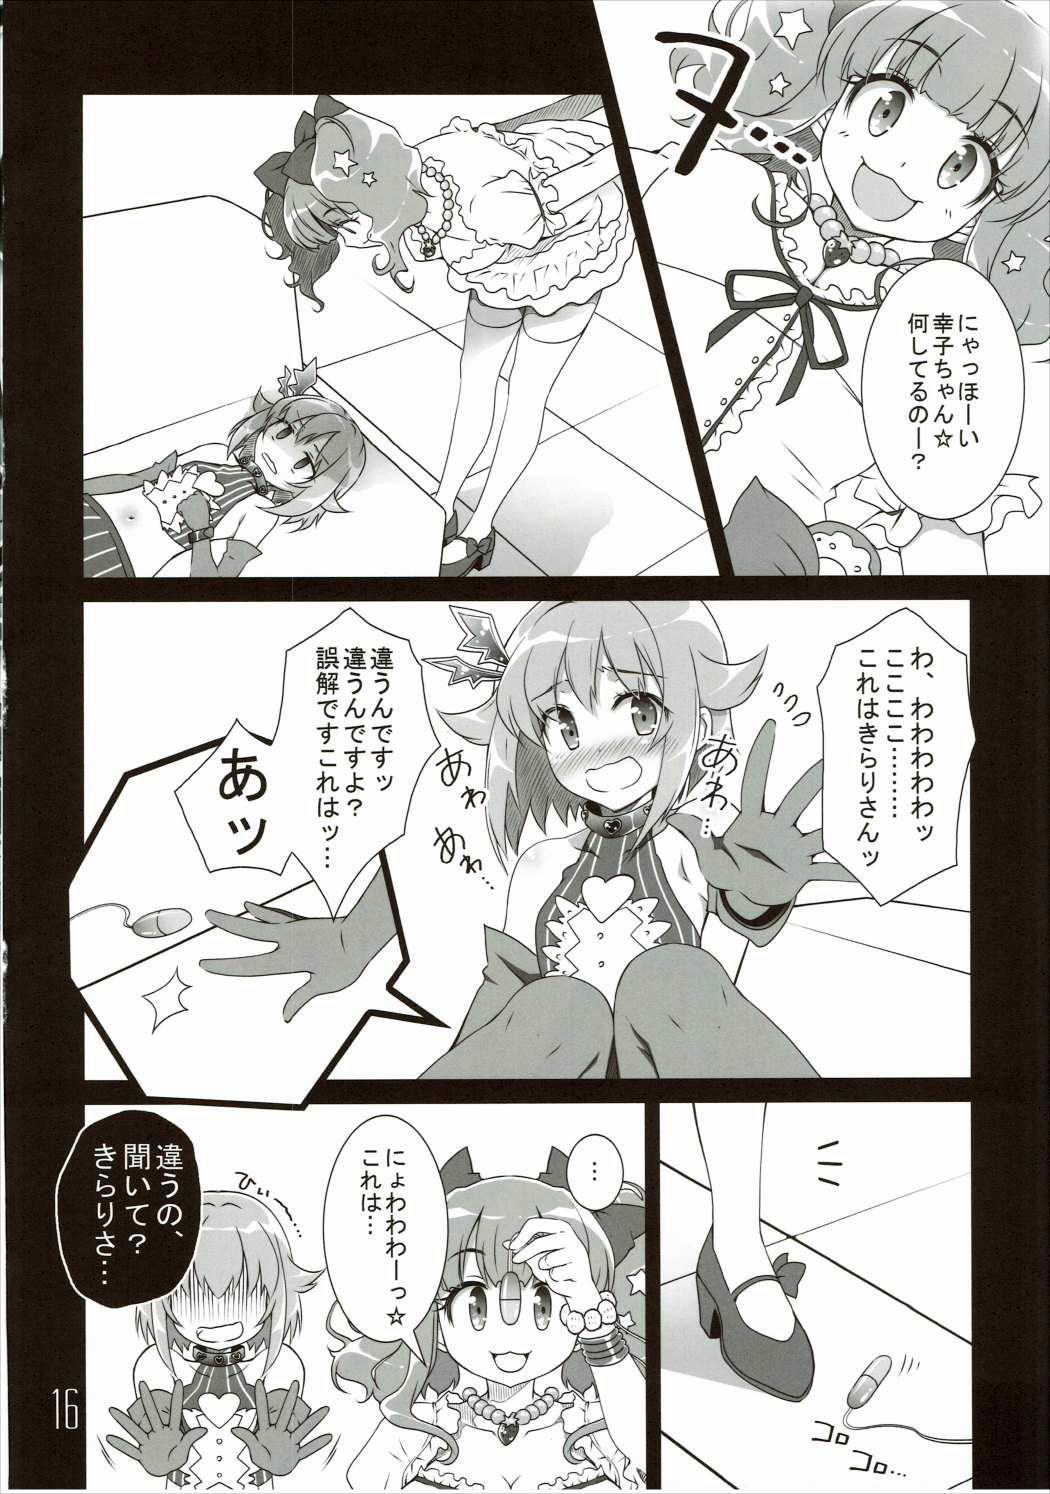 Sachiko☆Vibration 14